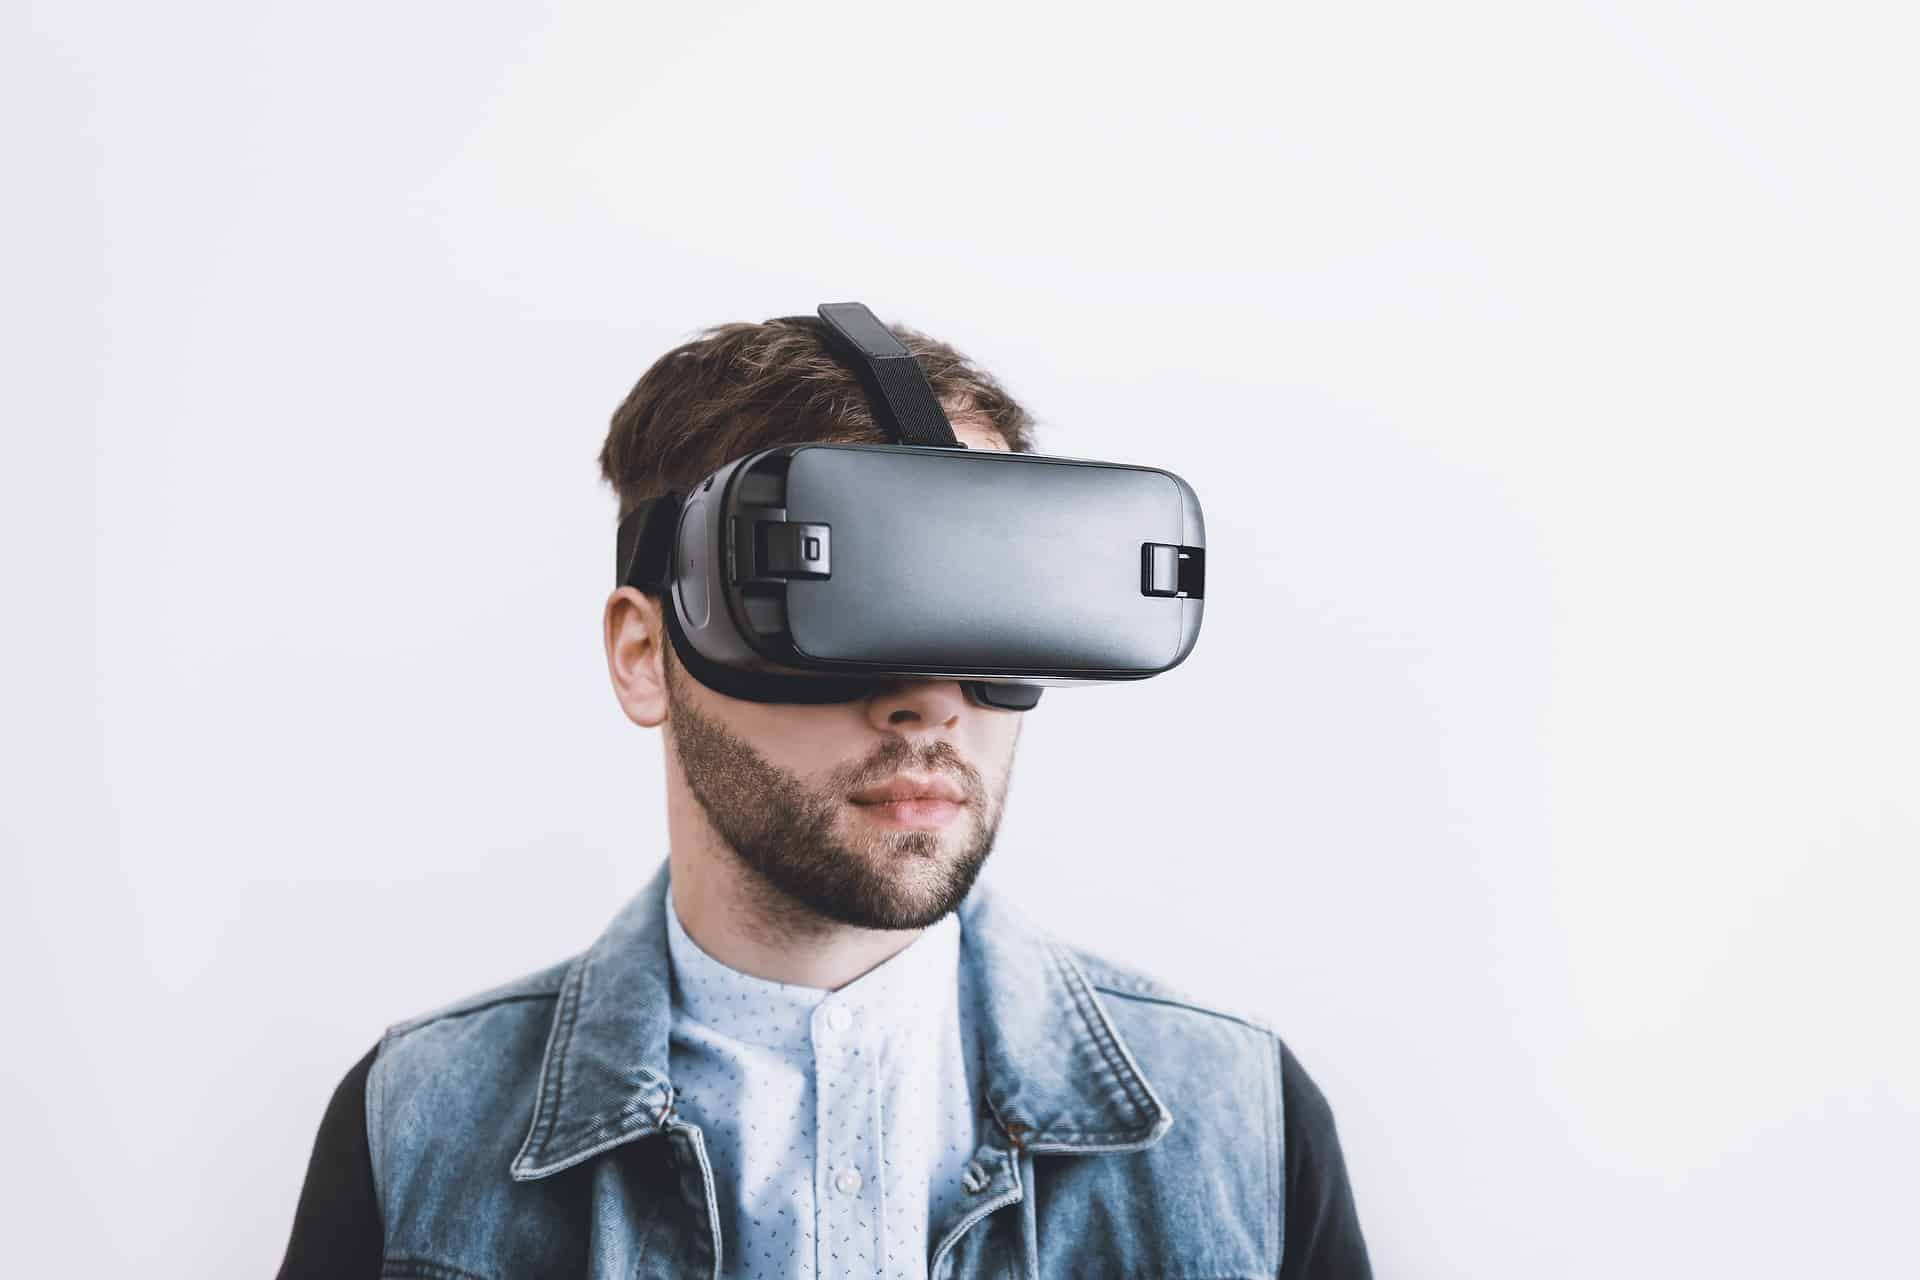 VR Brille Handy: Test & Empfehlungen (01/20)